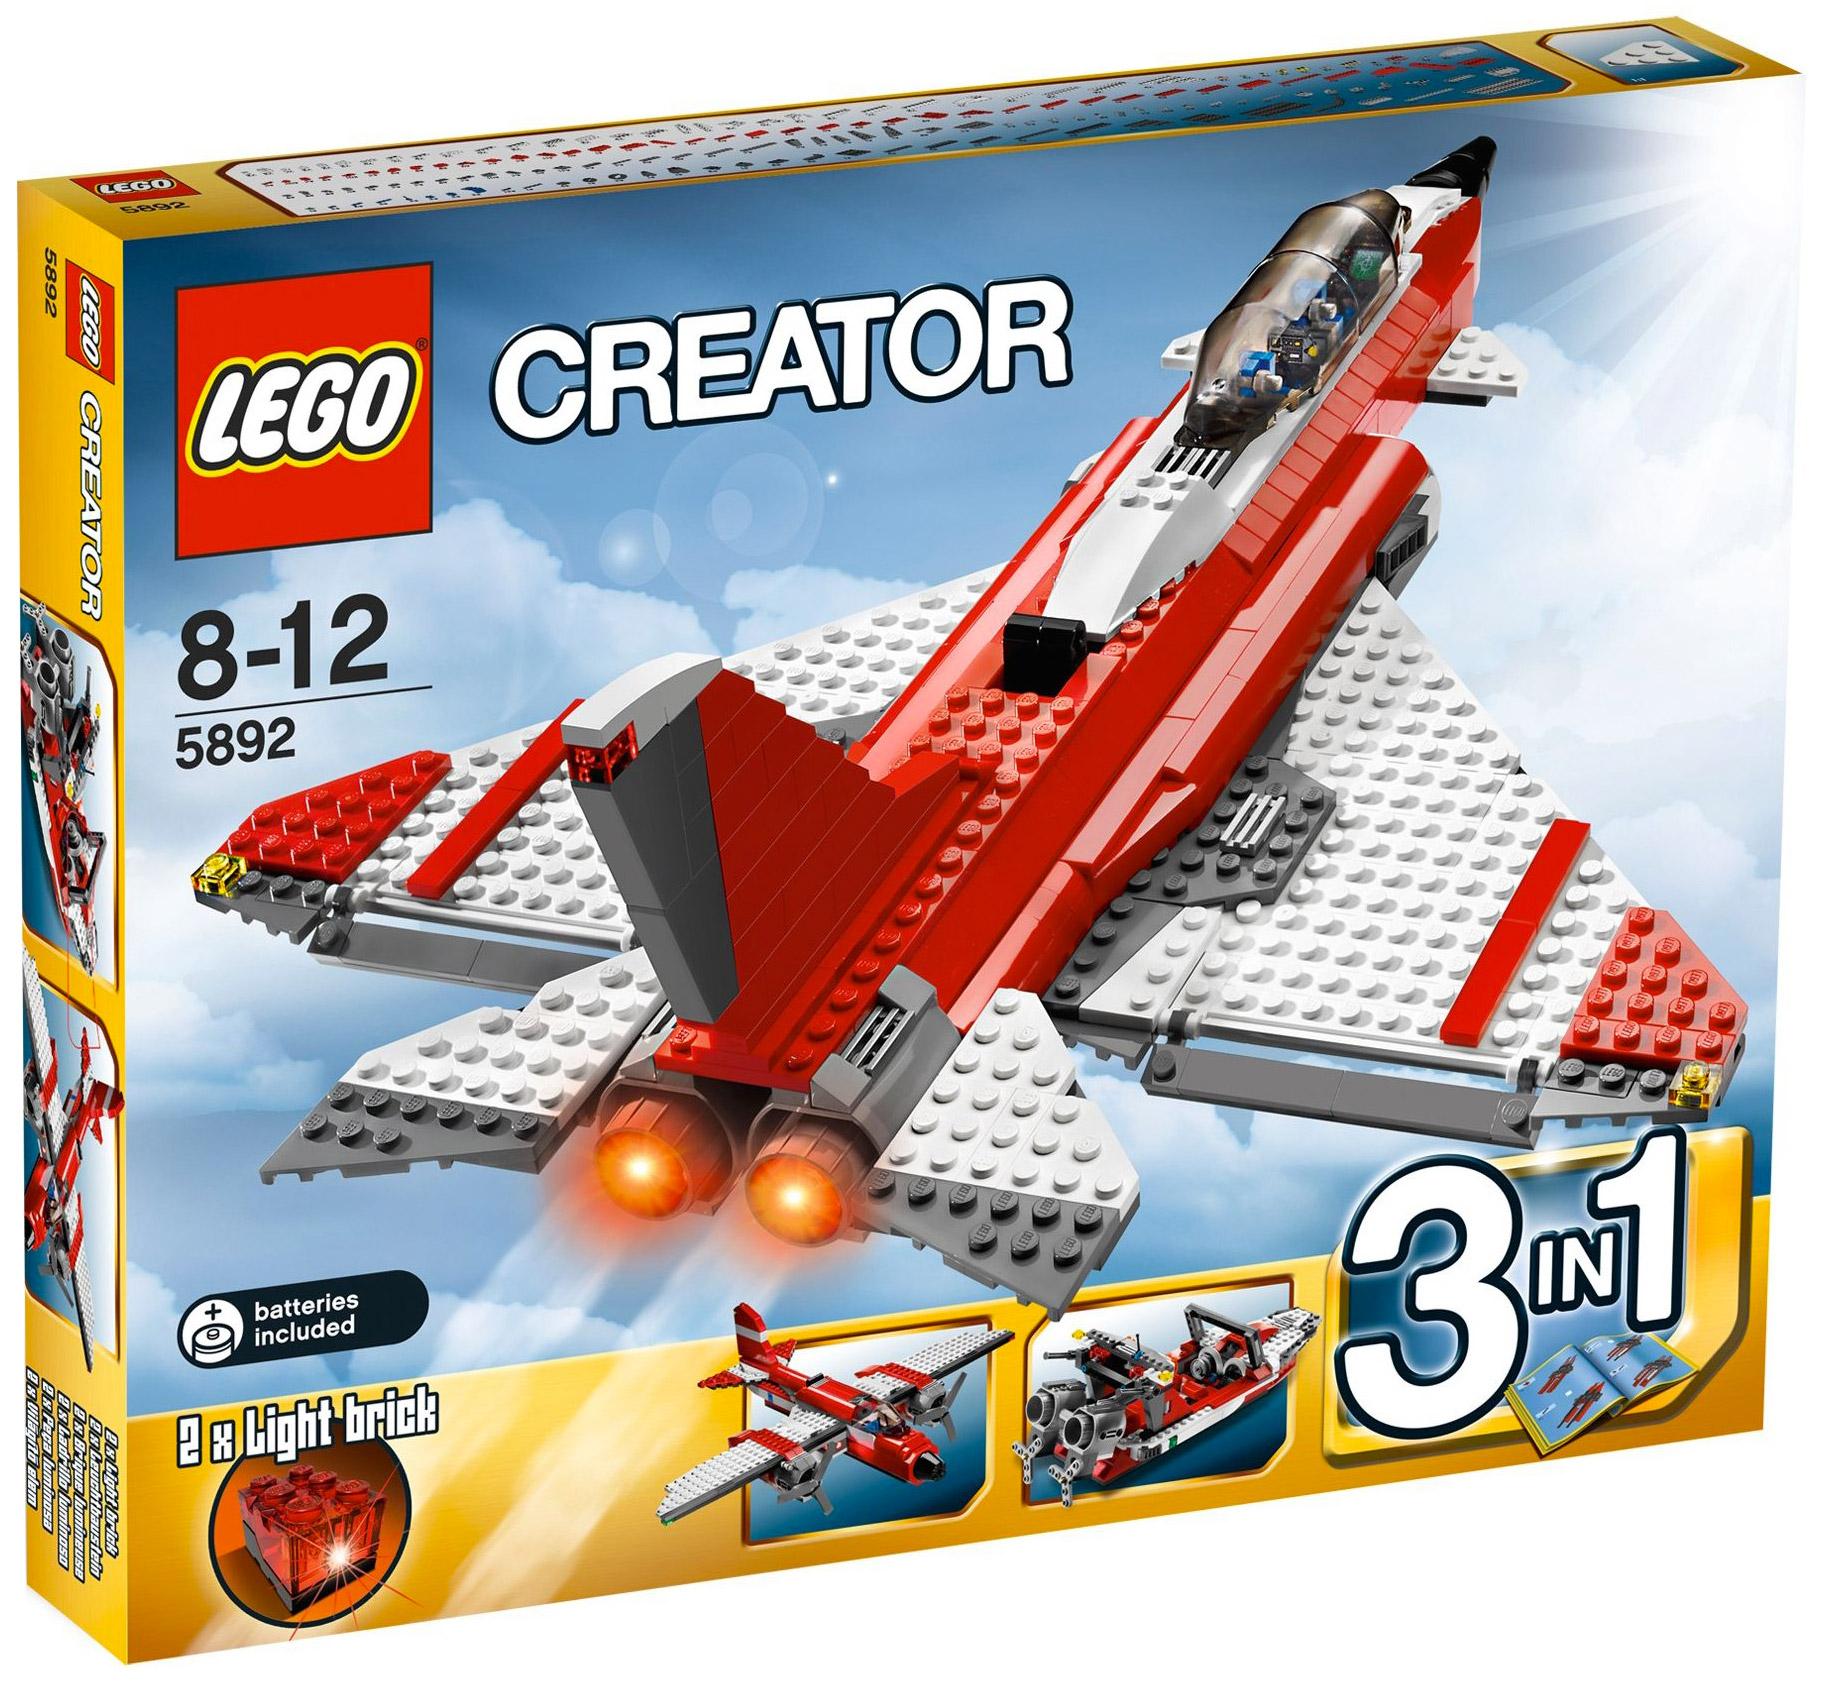 Lego creator 5892 pas cher l 39 avion supersonique - Avion de chasse en lego ...